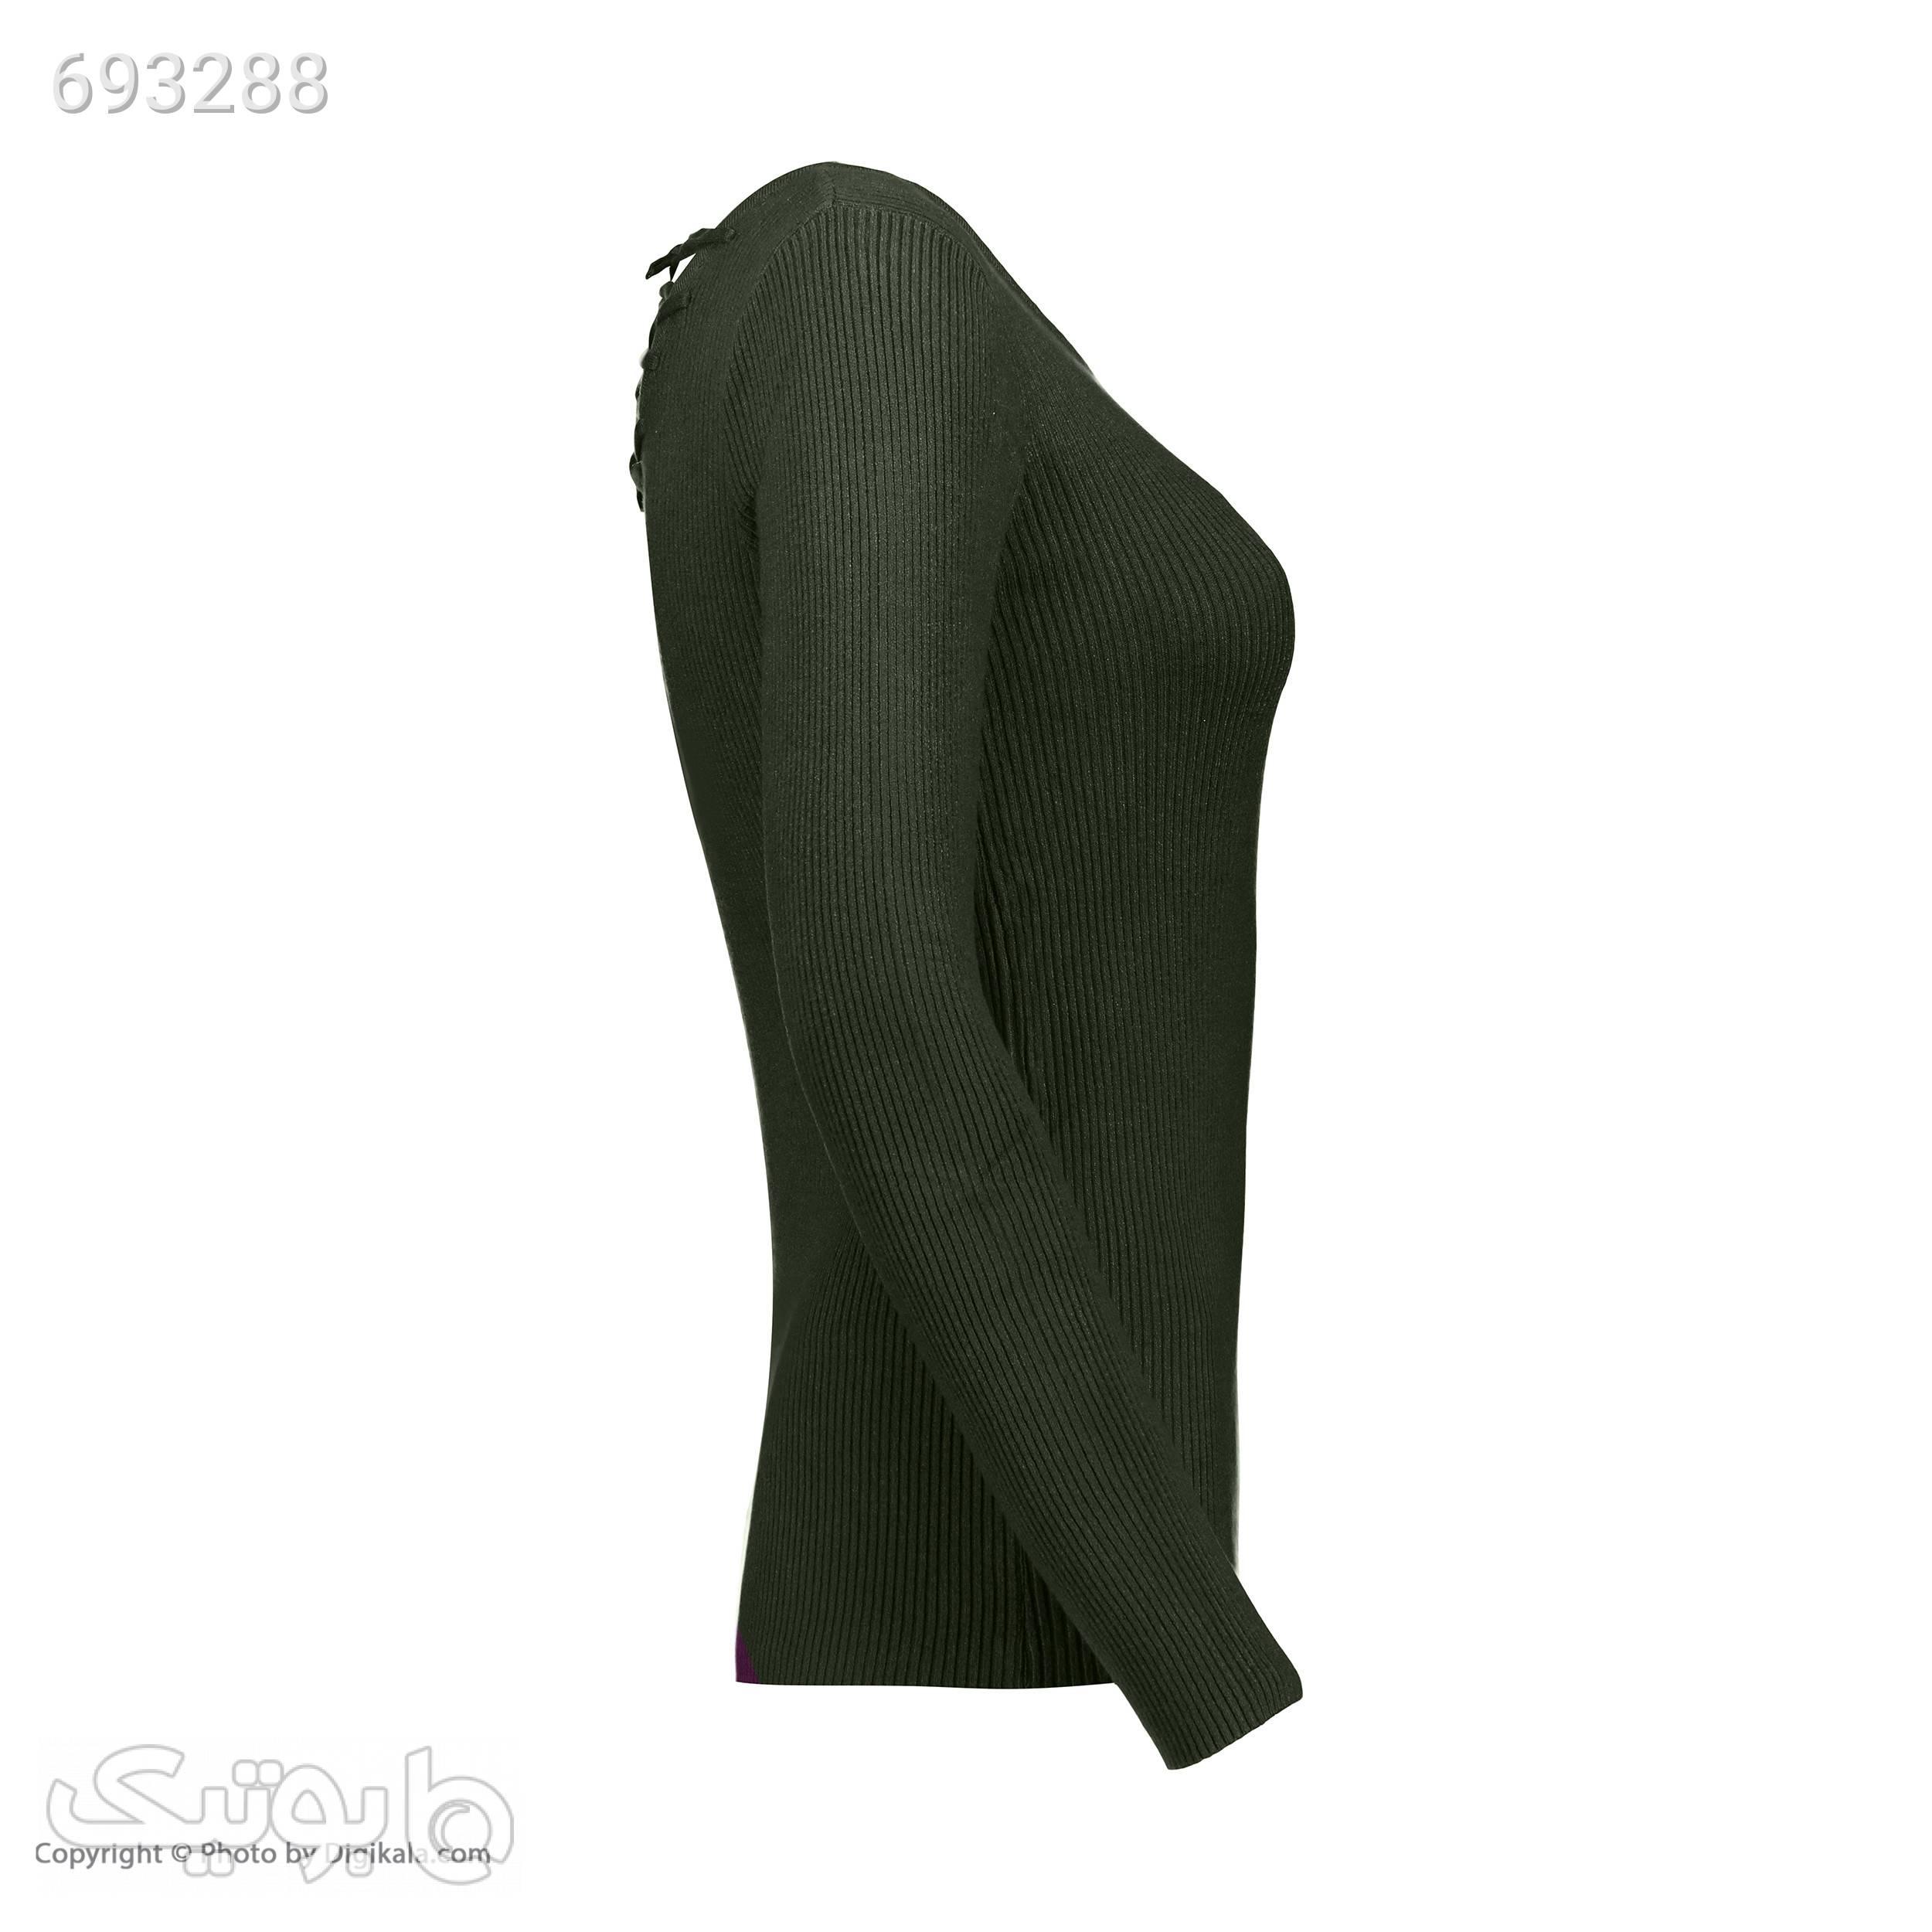 پلیور زنانه آیلار مدل I03700109420907243 سبز پلیور و ژاکت زنانه